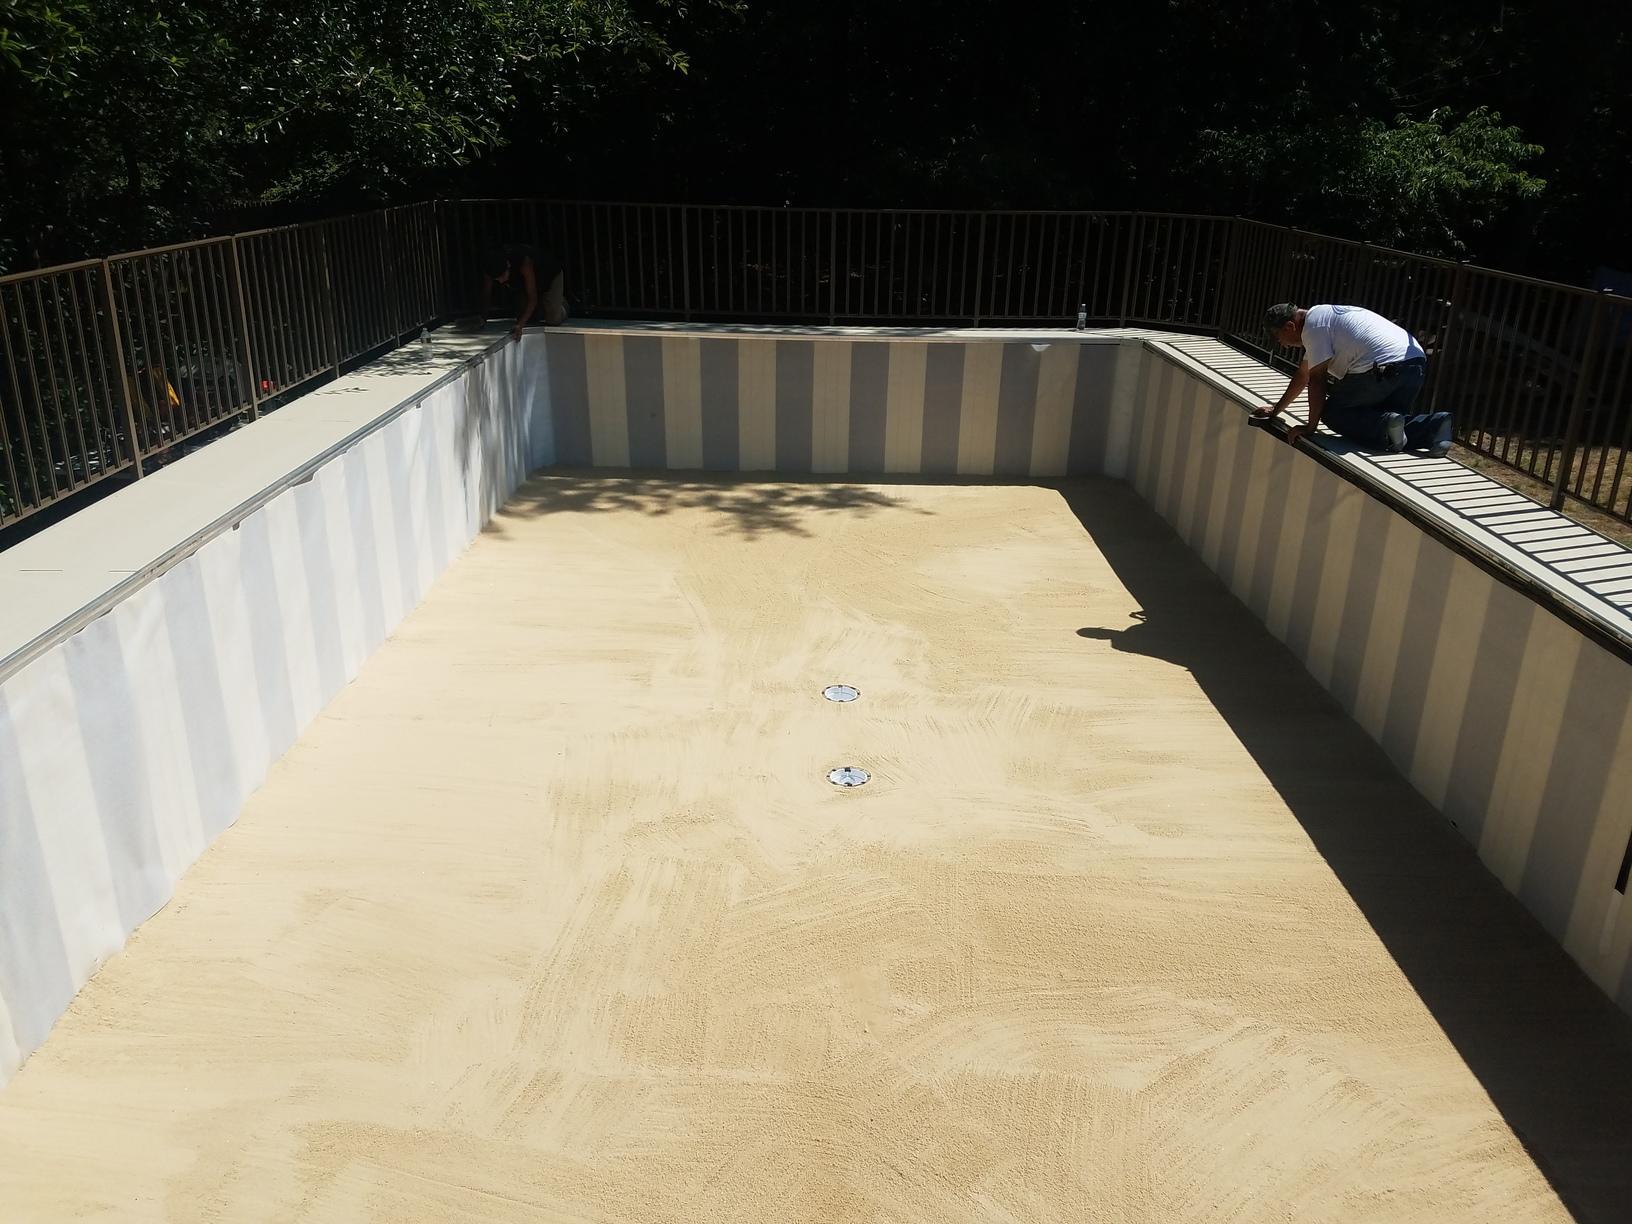 Wilkes Pool Installation in Lakewood, NJ